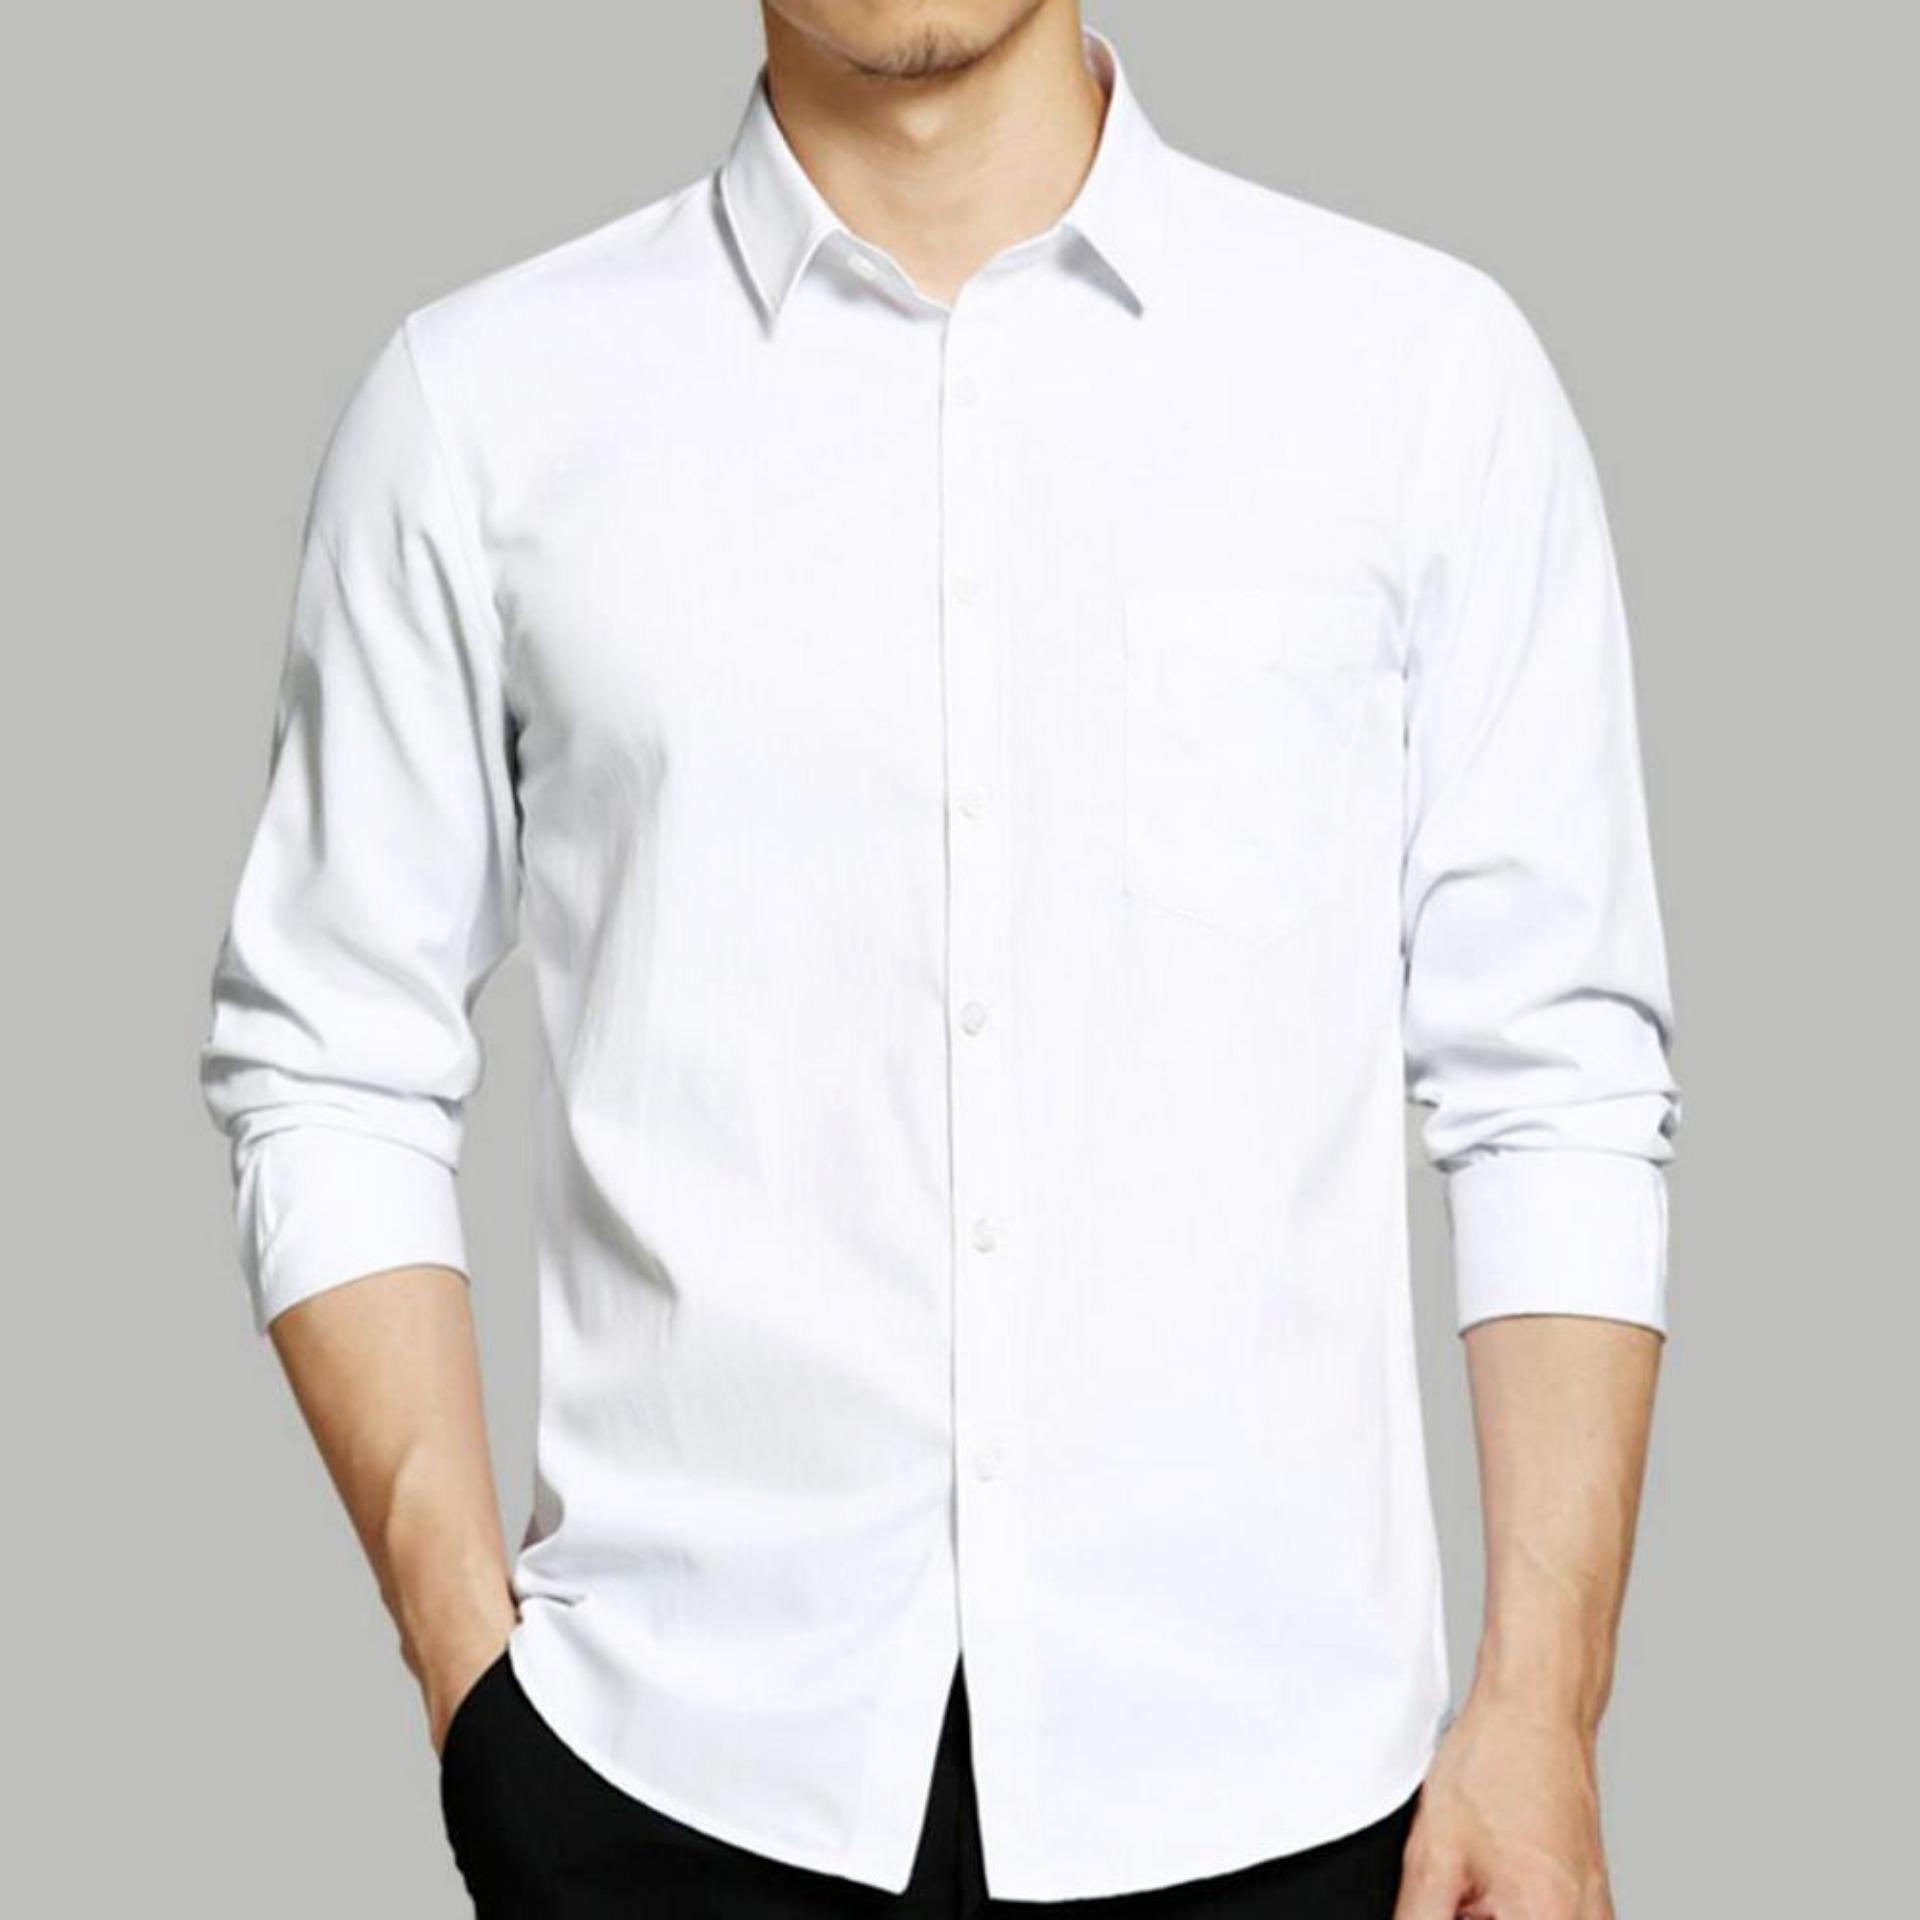 Mejikuu Kemeja Formal Putih Panjang -Putih